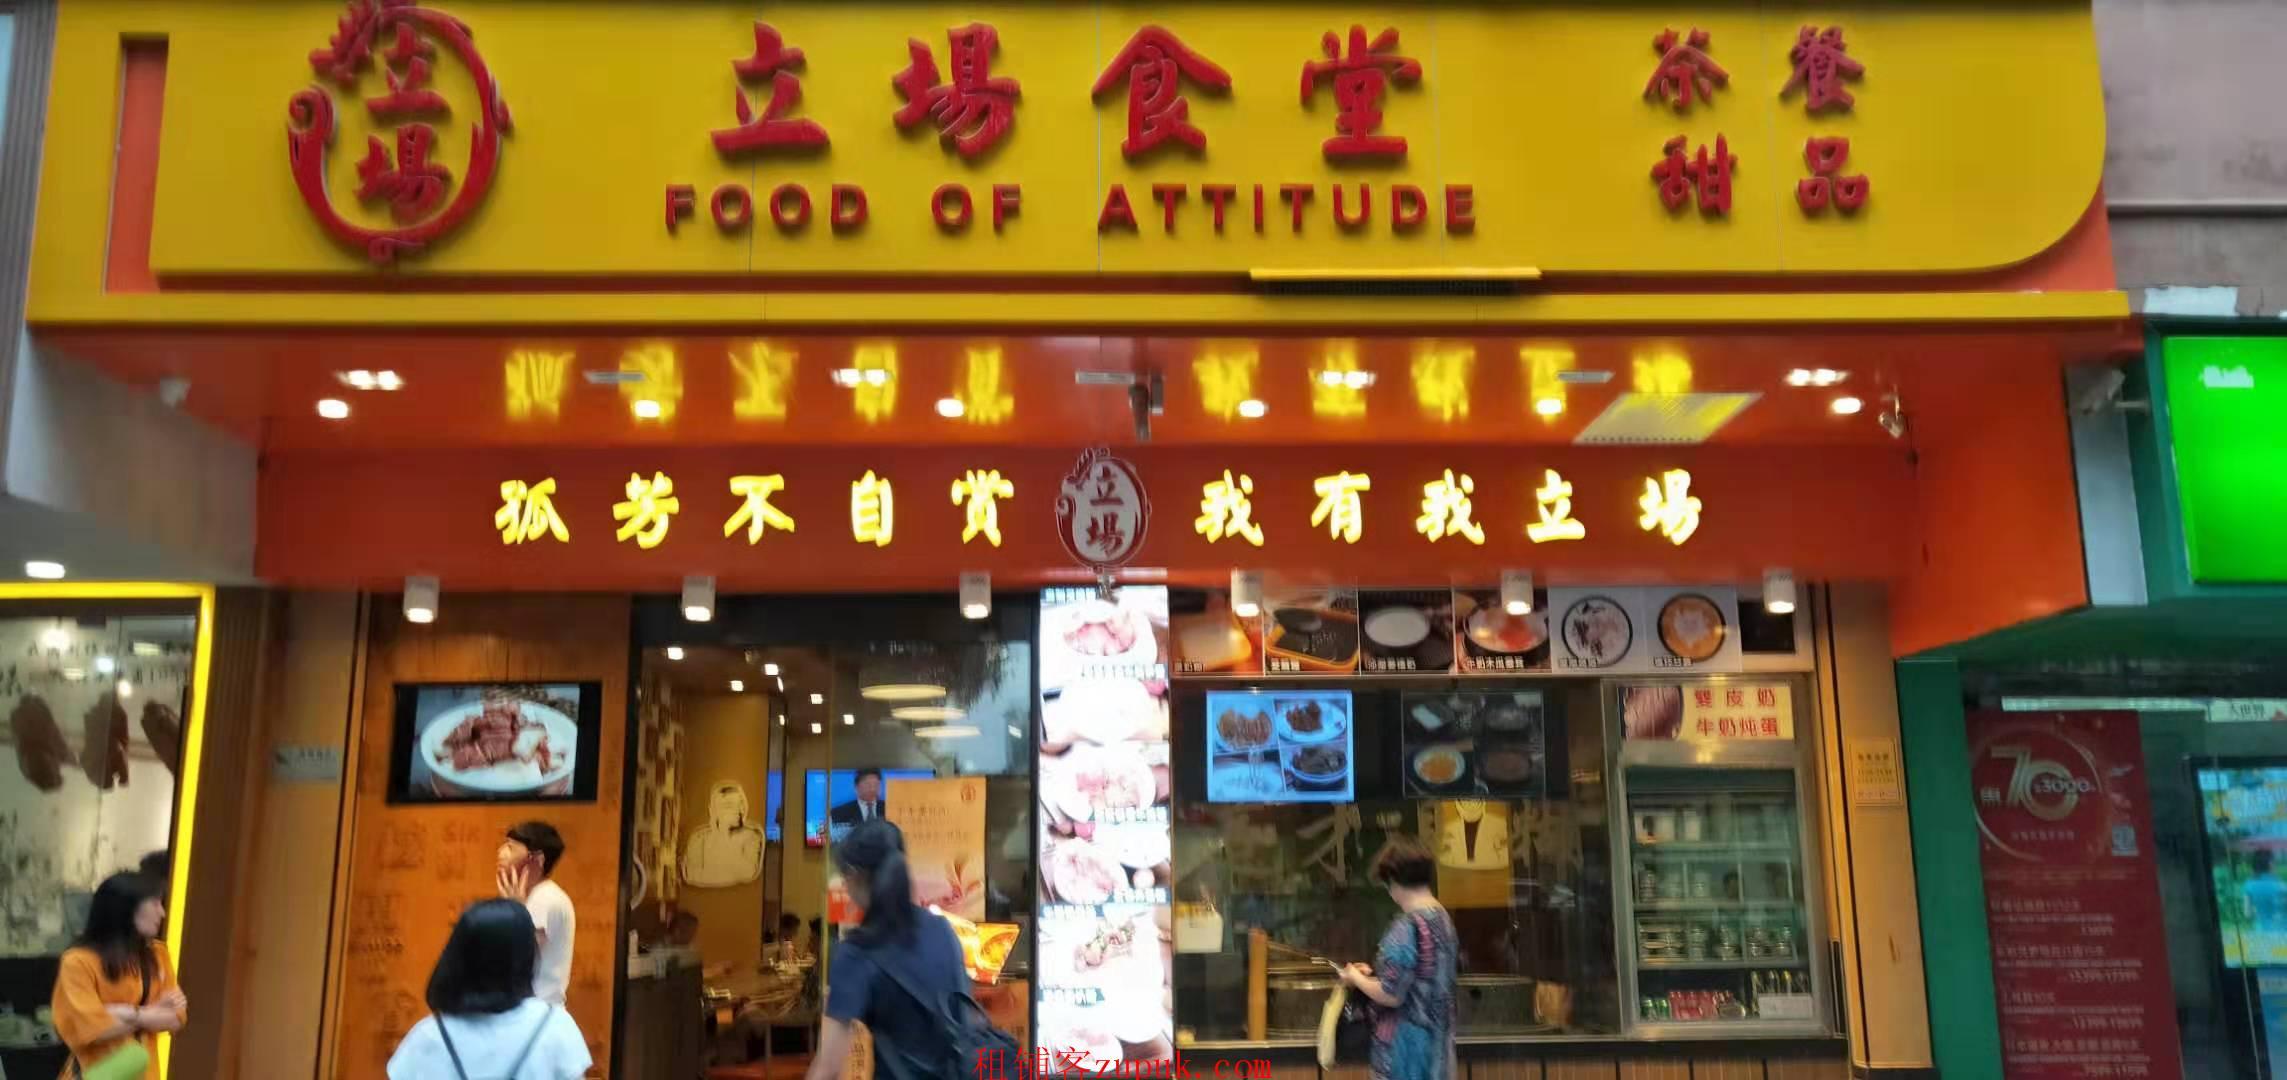 创业园区配套,人超多,适合茶餐厅,麻辣香锅,砂锅粥,无转让费